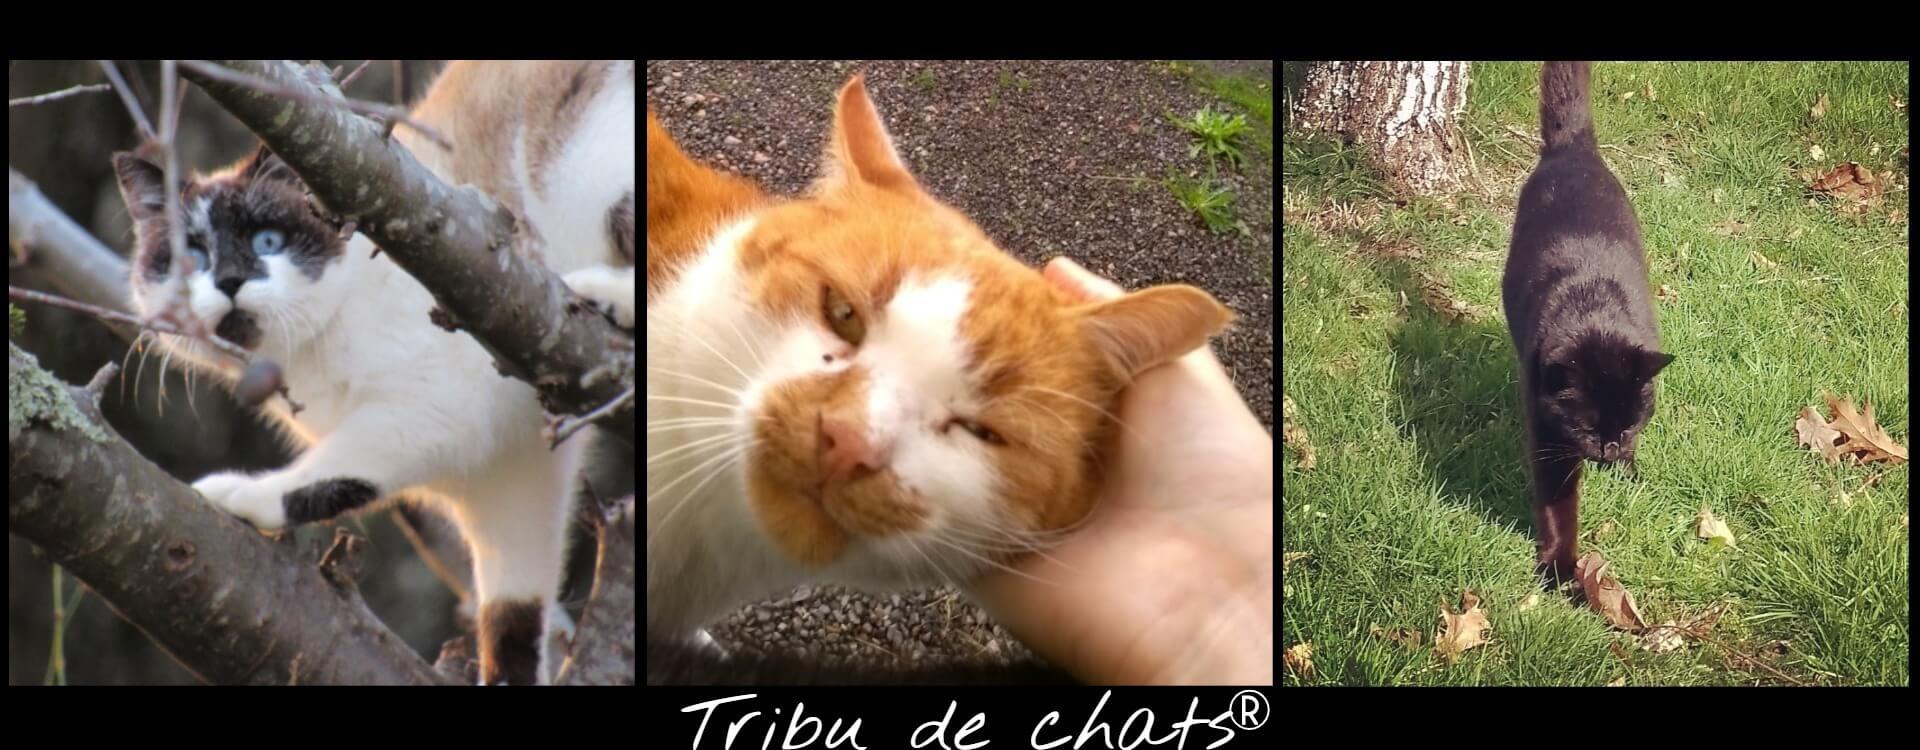 Les_bons_moments_de_la_Tribu_de_chats,_dans_les_arbres,_câlins,_balade_au_jardin